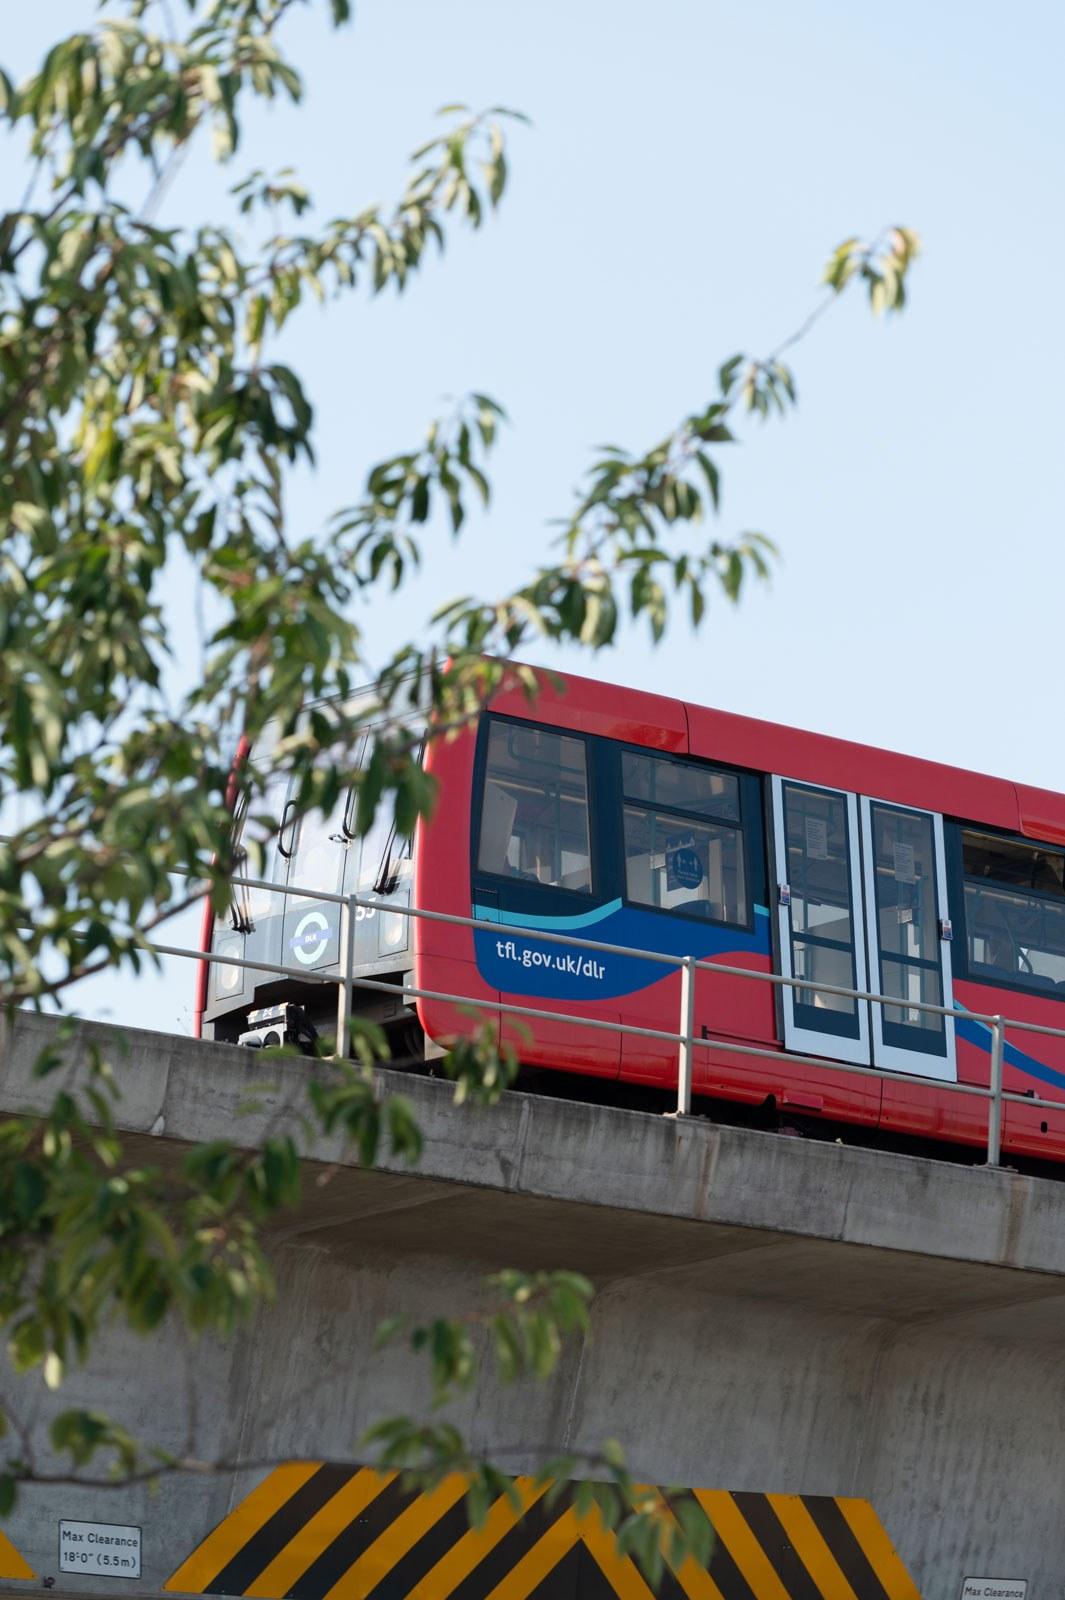 DLR train on approach